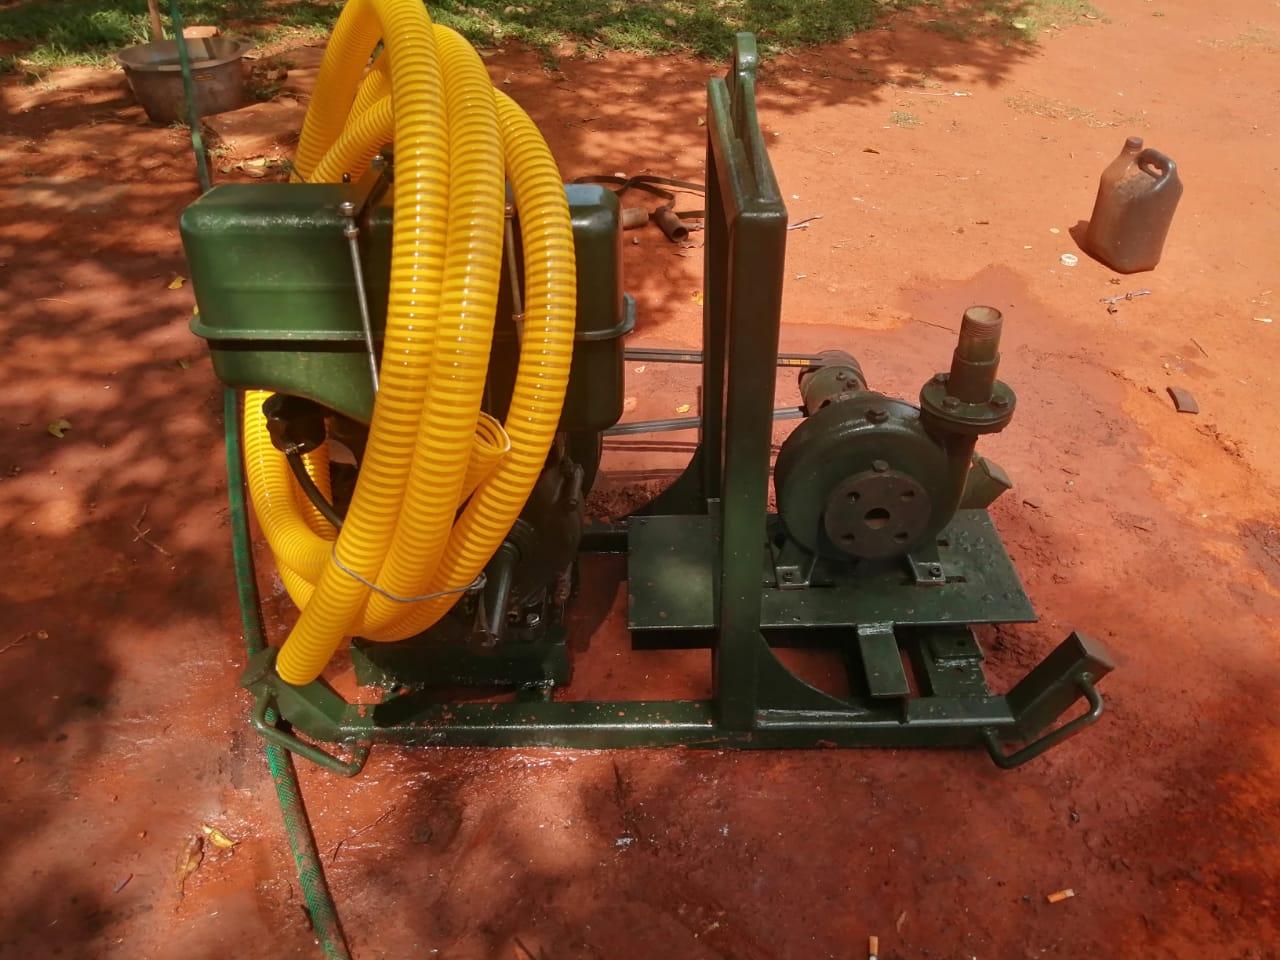 Lister pump set